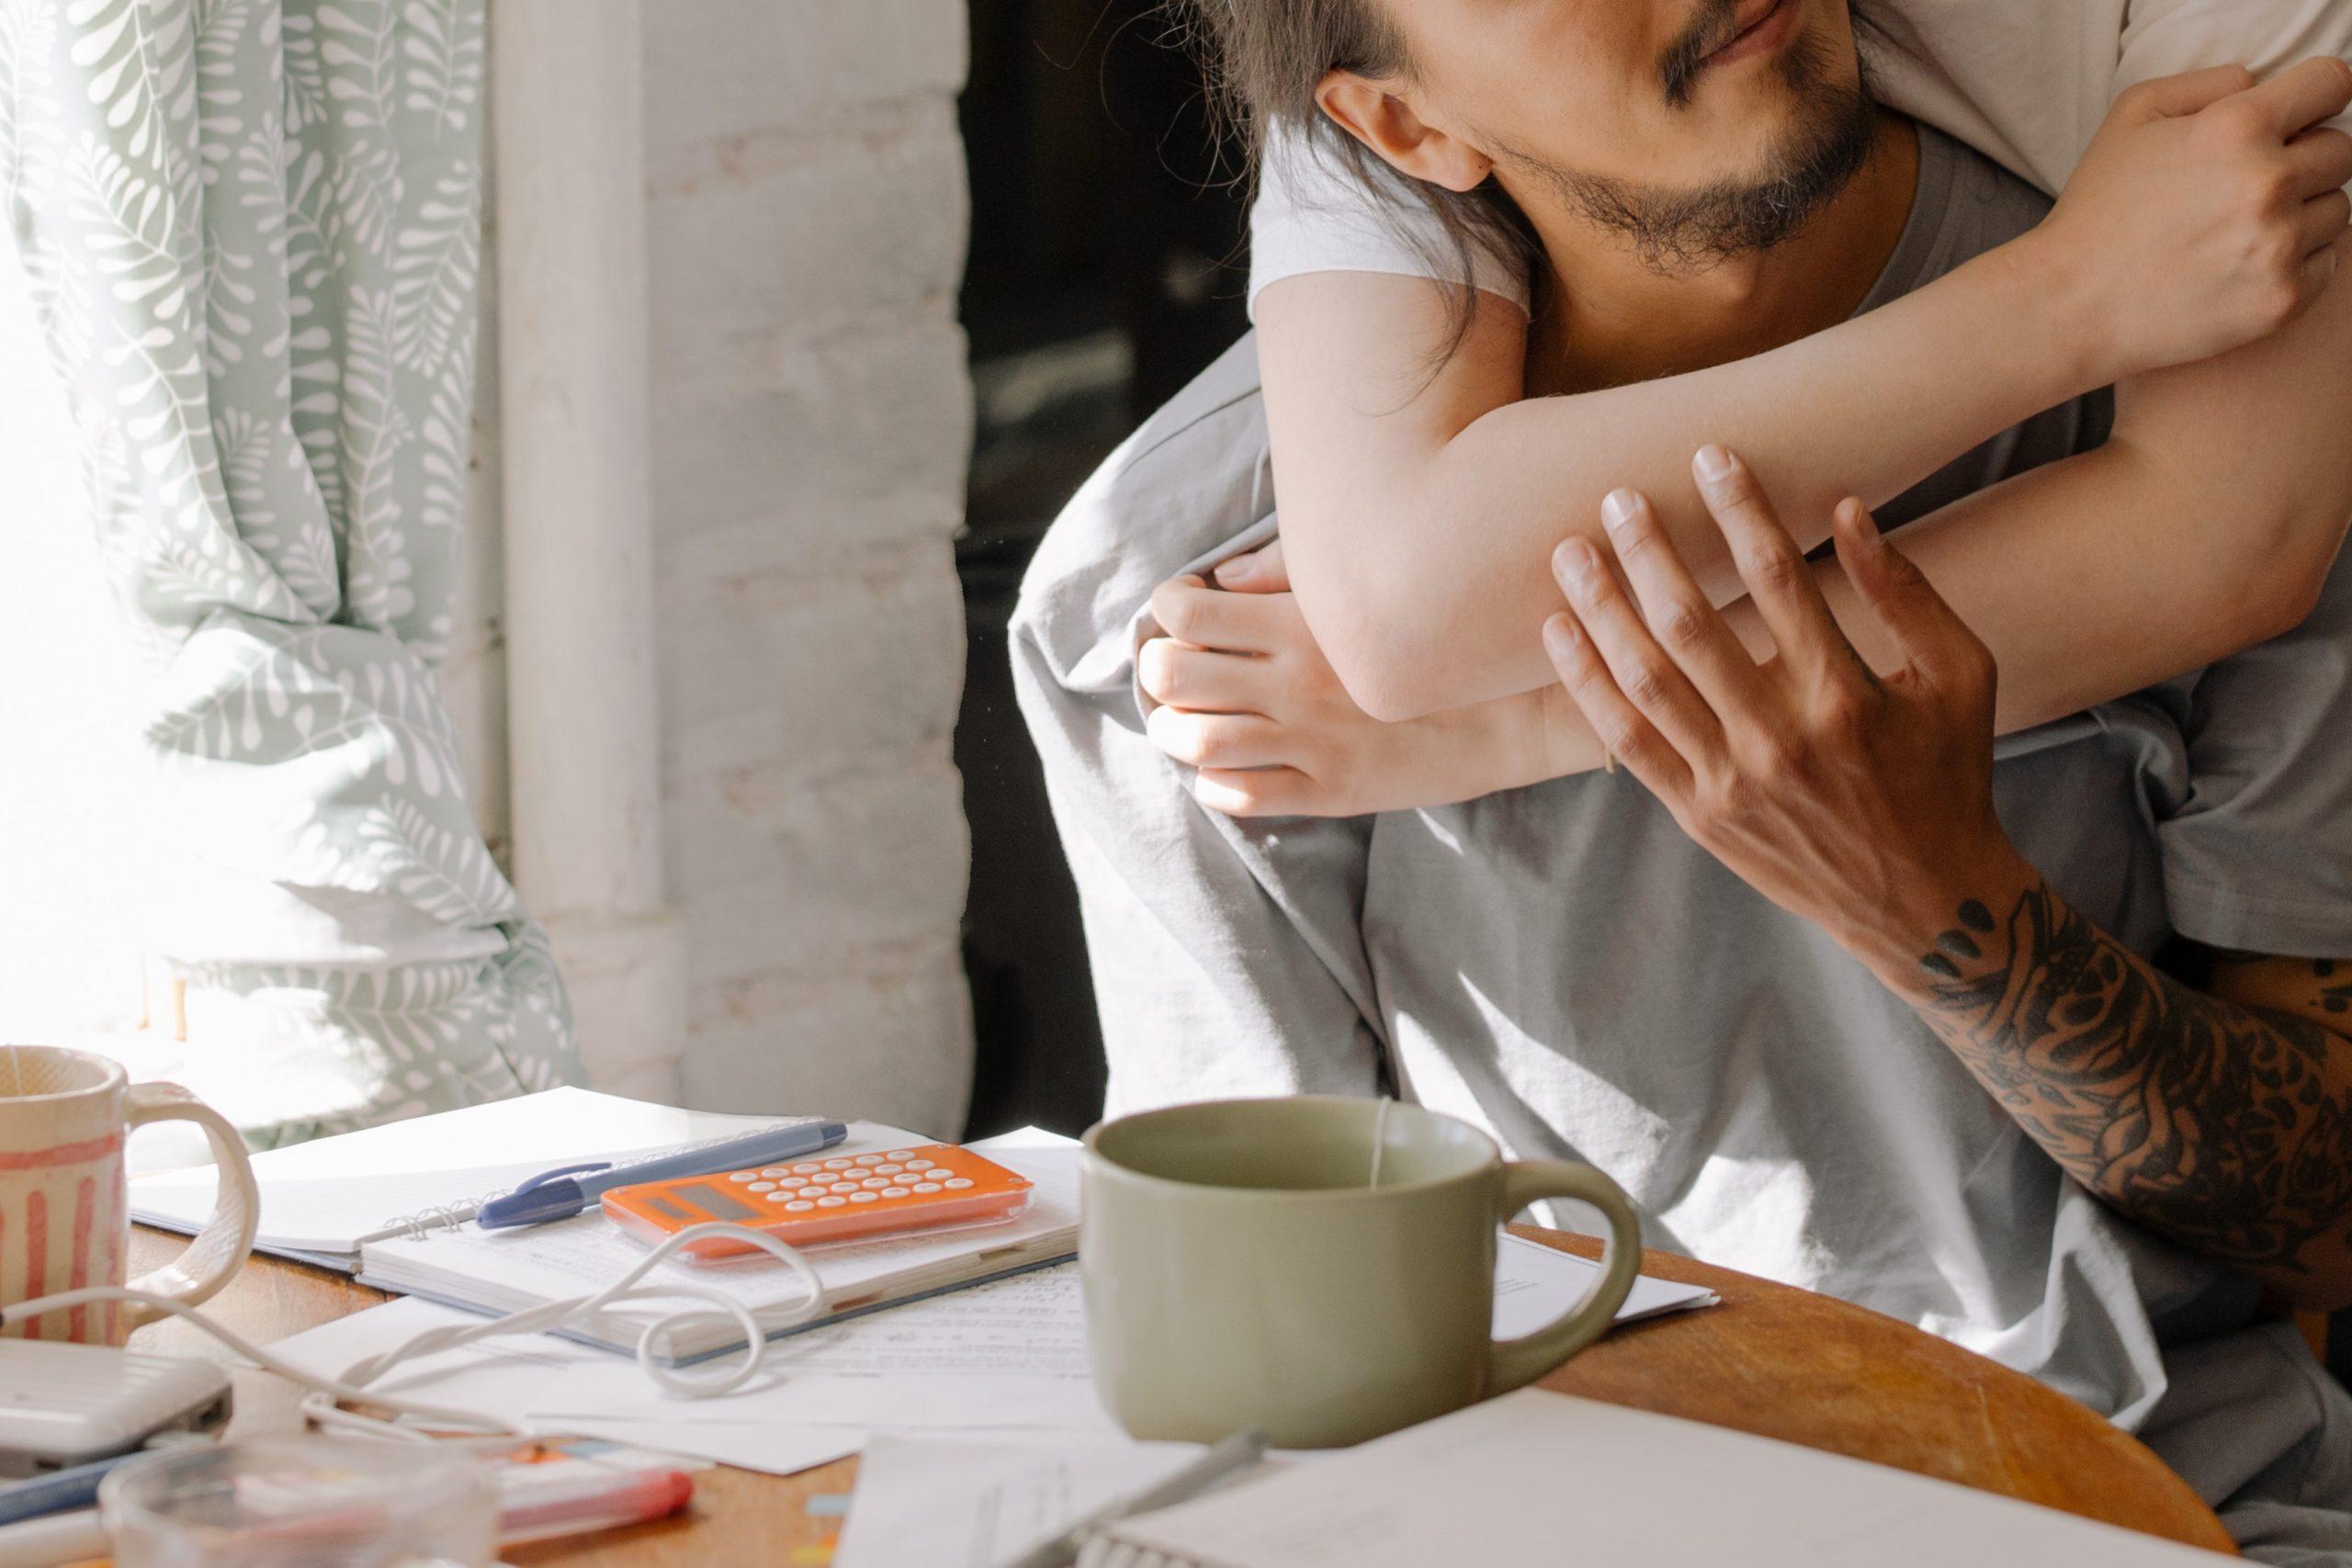 Mies istuu keittiönpöydän ääressä, nainen halaa häntä takaa, kädet kietoutuneena miehen kaulan umpärille. Mies katsoo viistosti halaavaa naista. Pöydällä kahvikuppi, kyniä, laskin ja muistivihko.